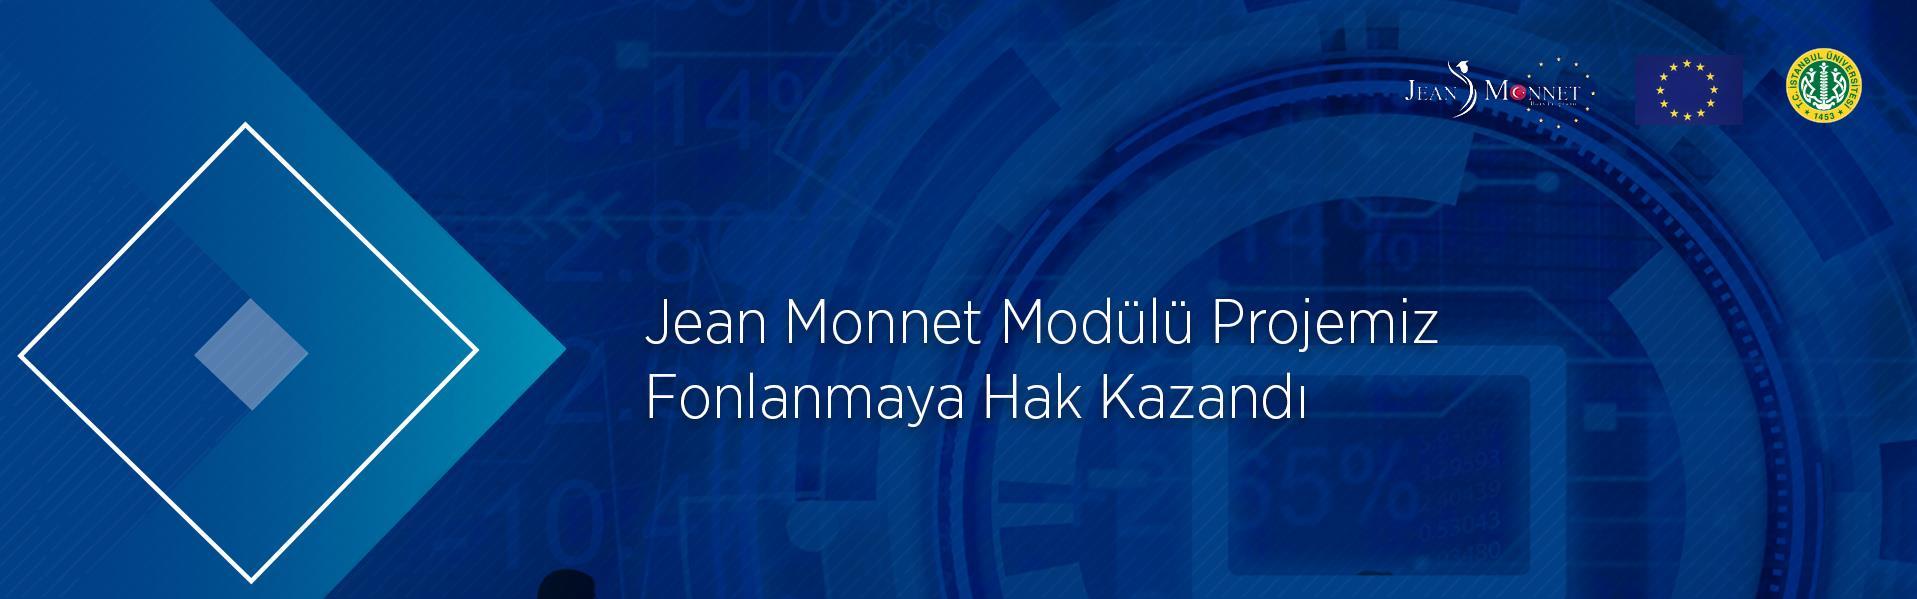 jeanmonnet proje başarı